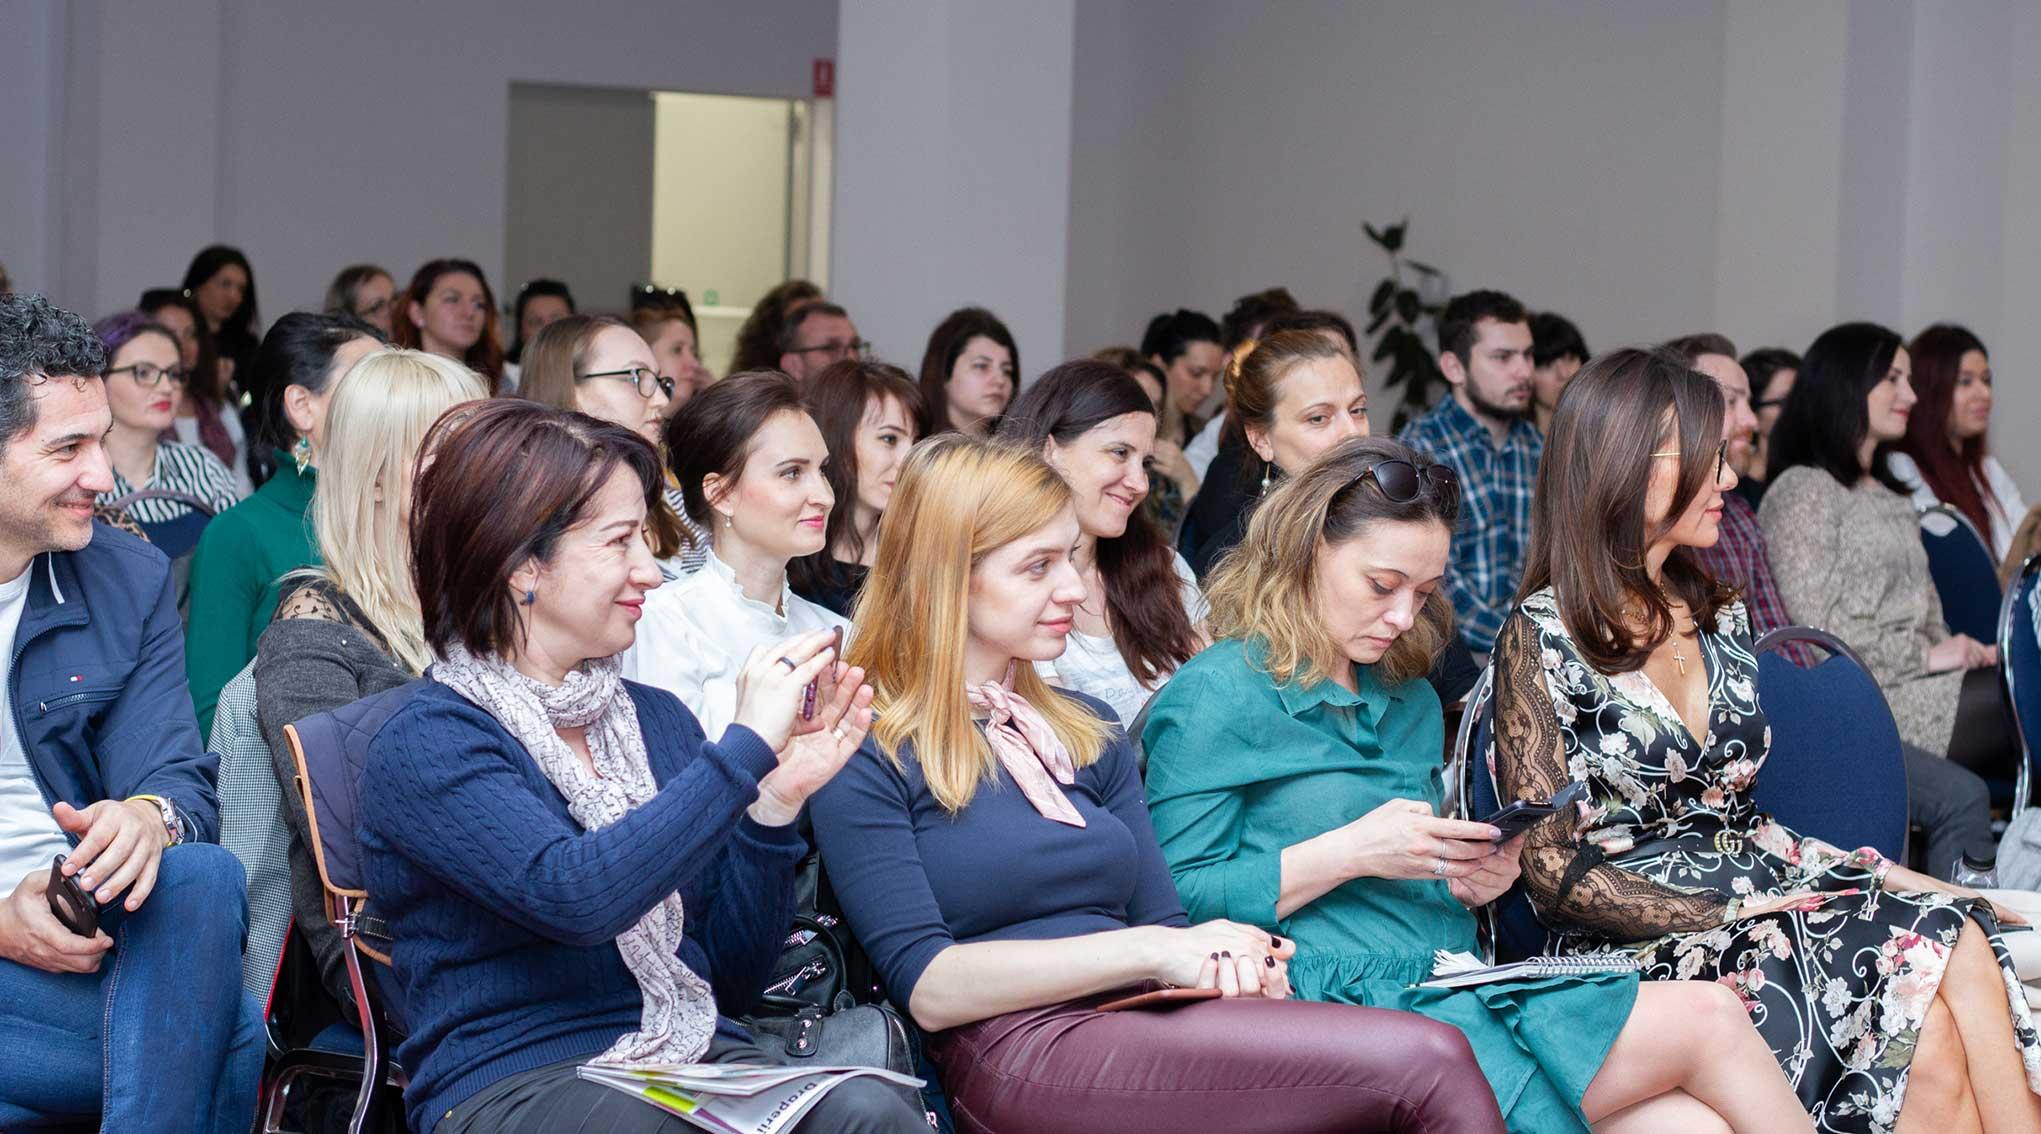 workshop-uri-demonstratii-si-conferinte-marca-atelierele-ilbah-pe-parcursul-a-4-zile-in-cadrul-romexpo-90